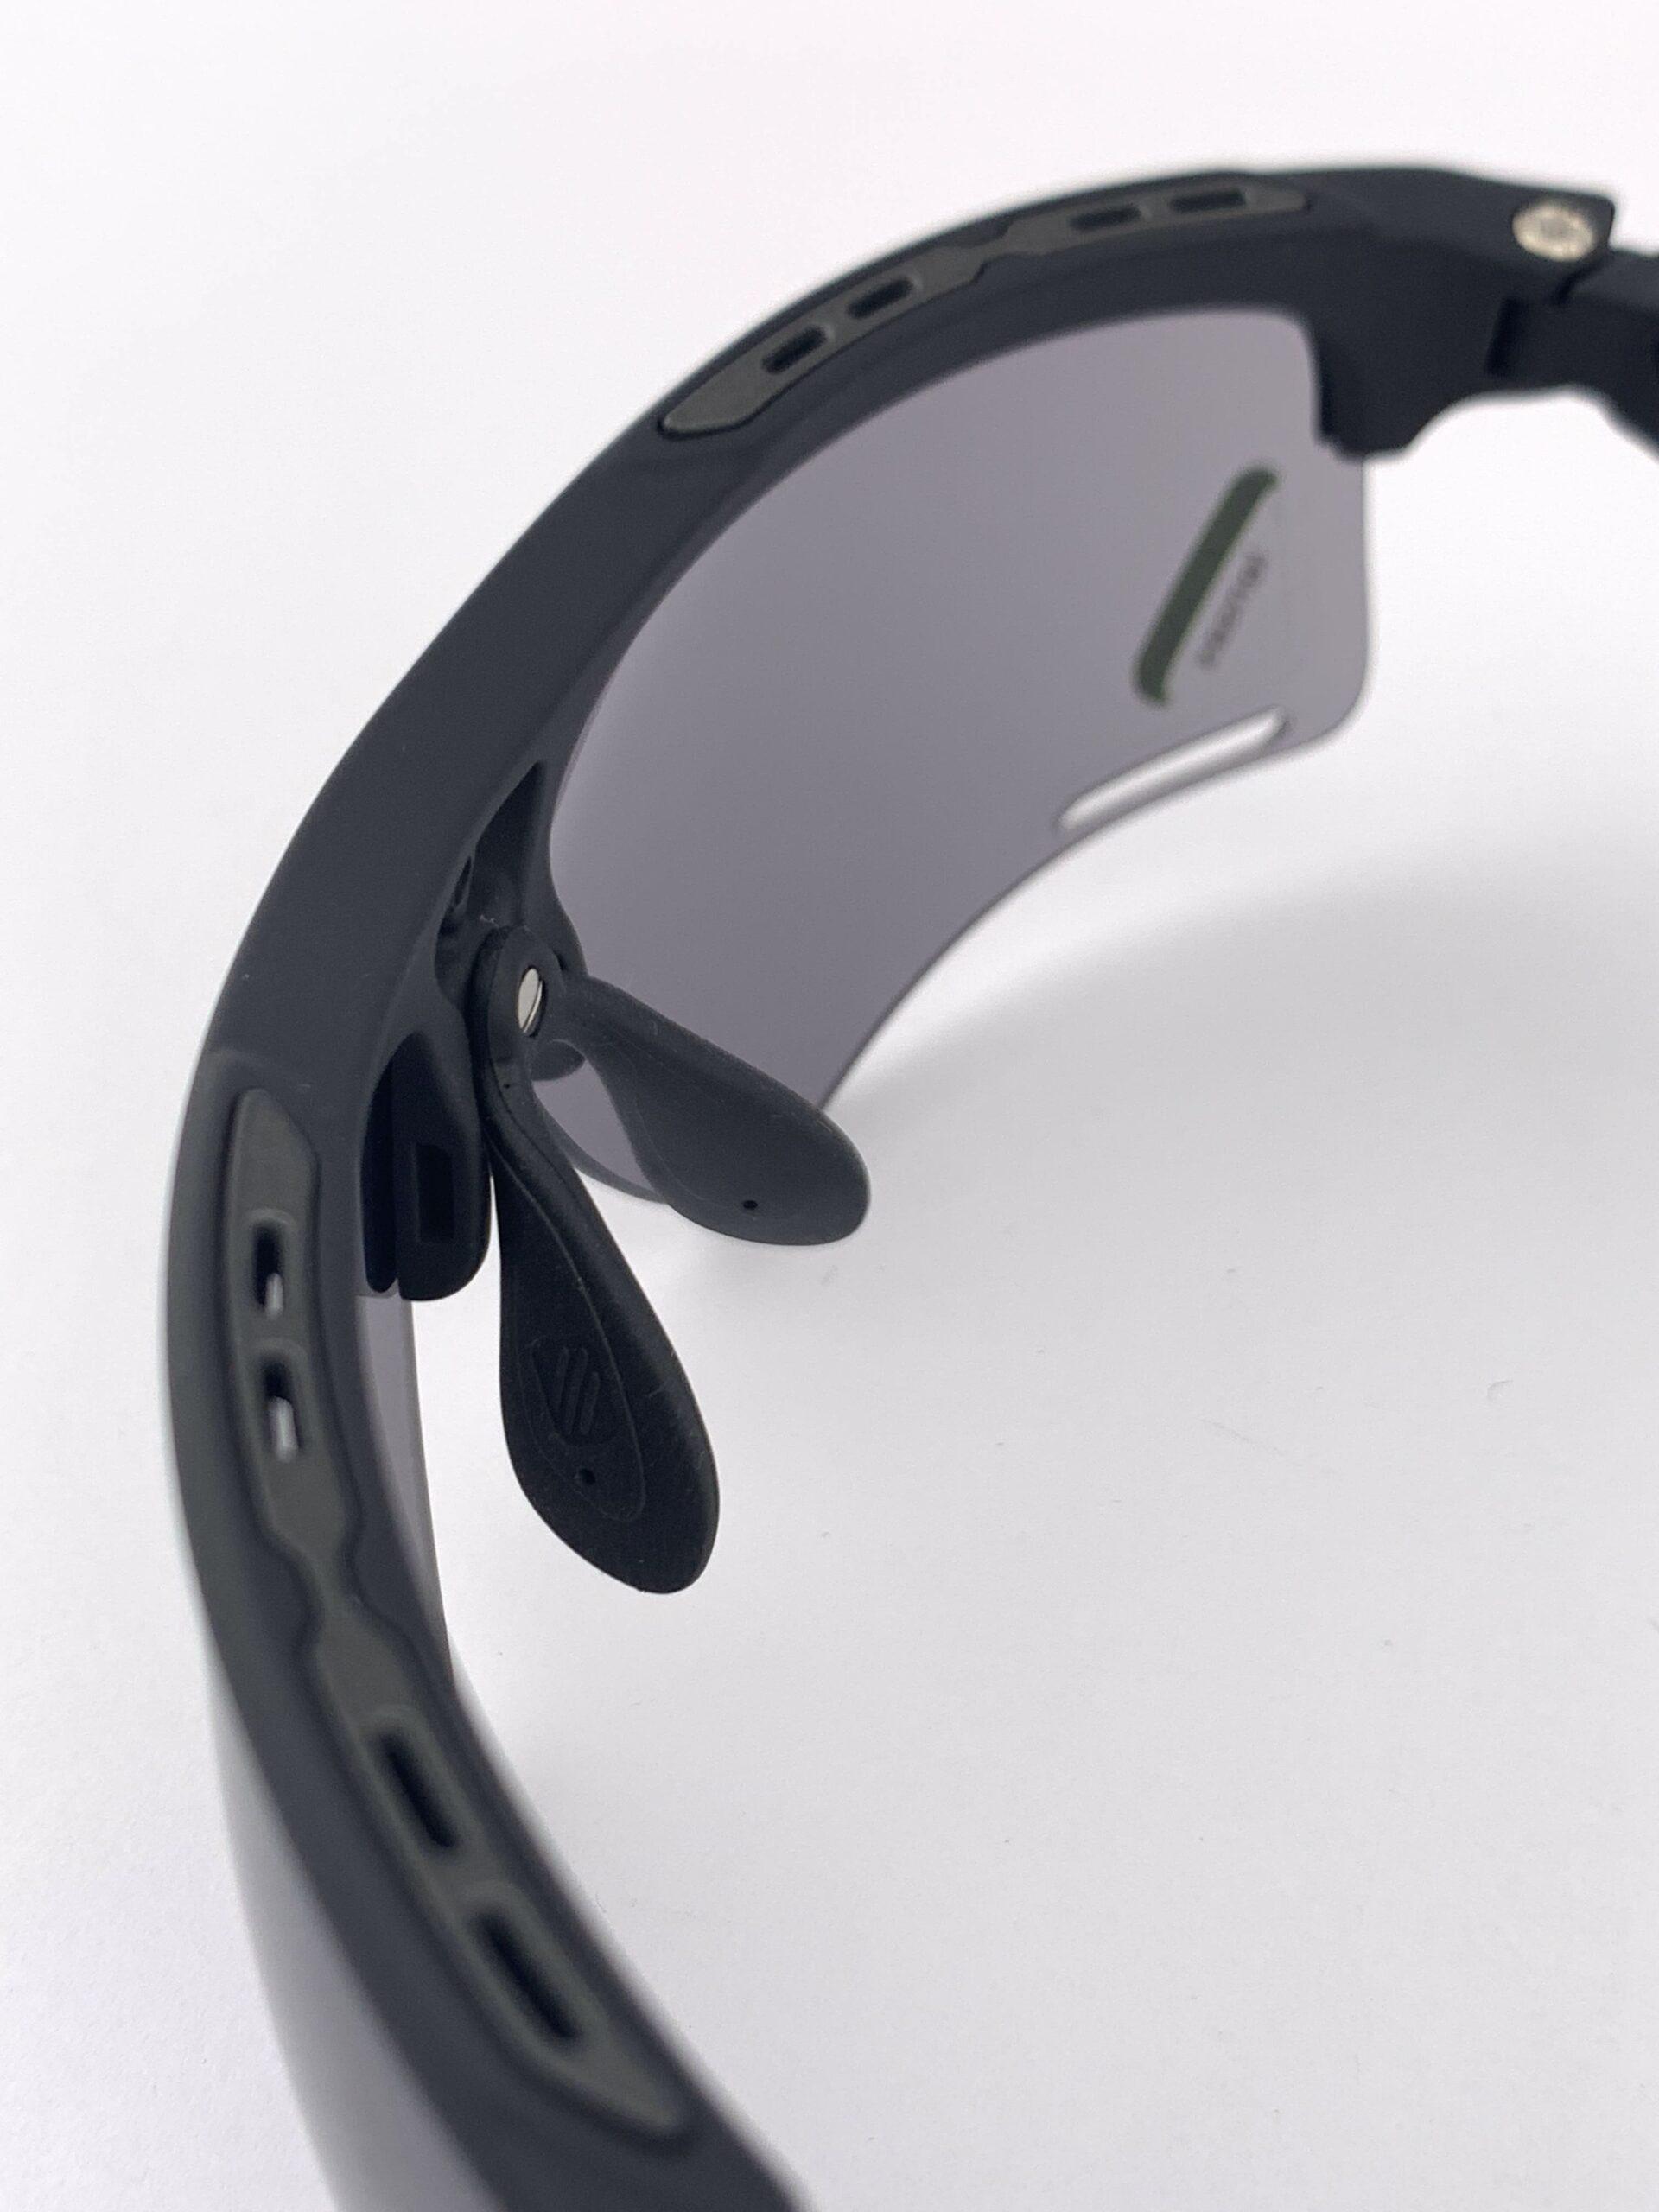 Cyklistické okuliare Keyblade čierne zhora